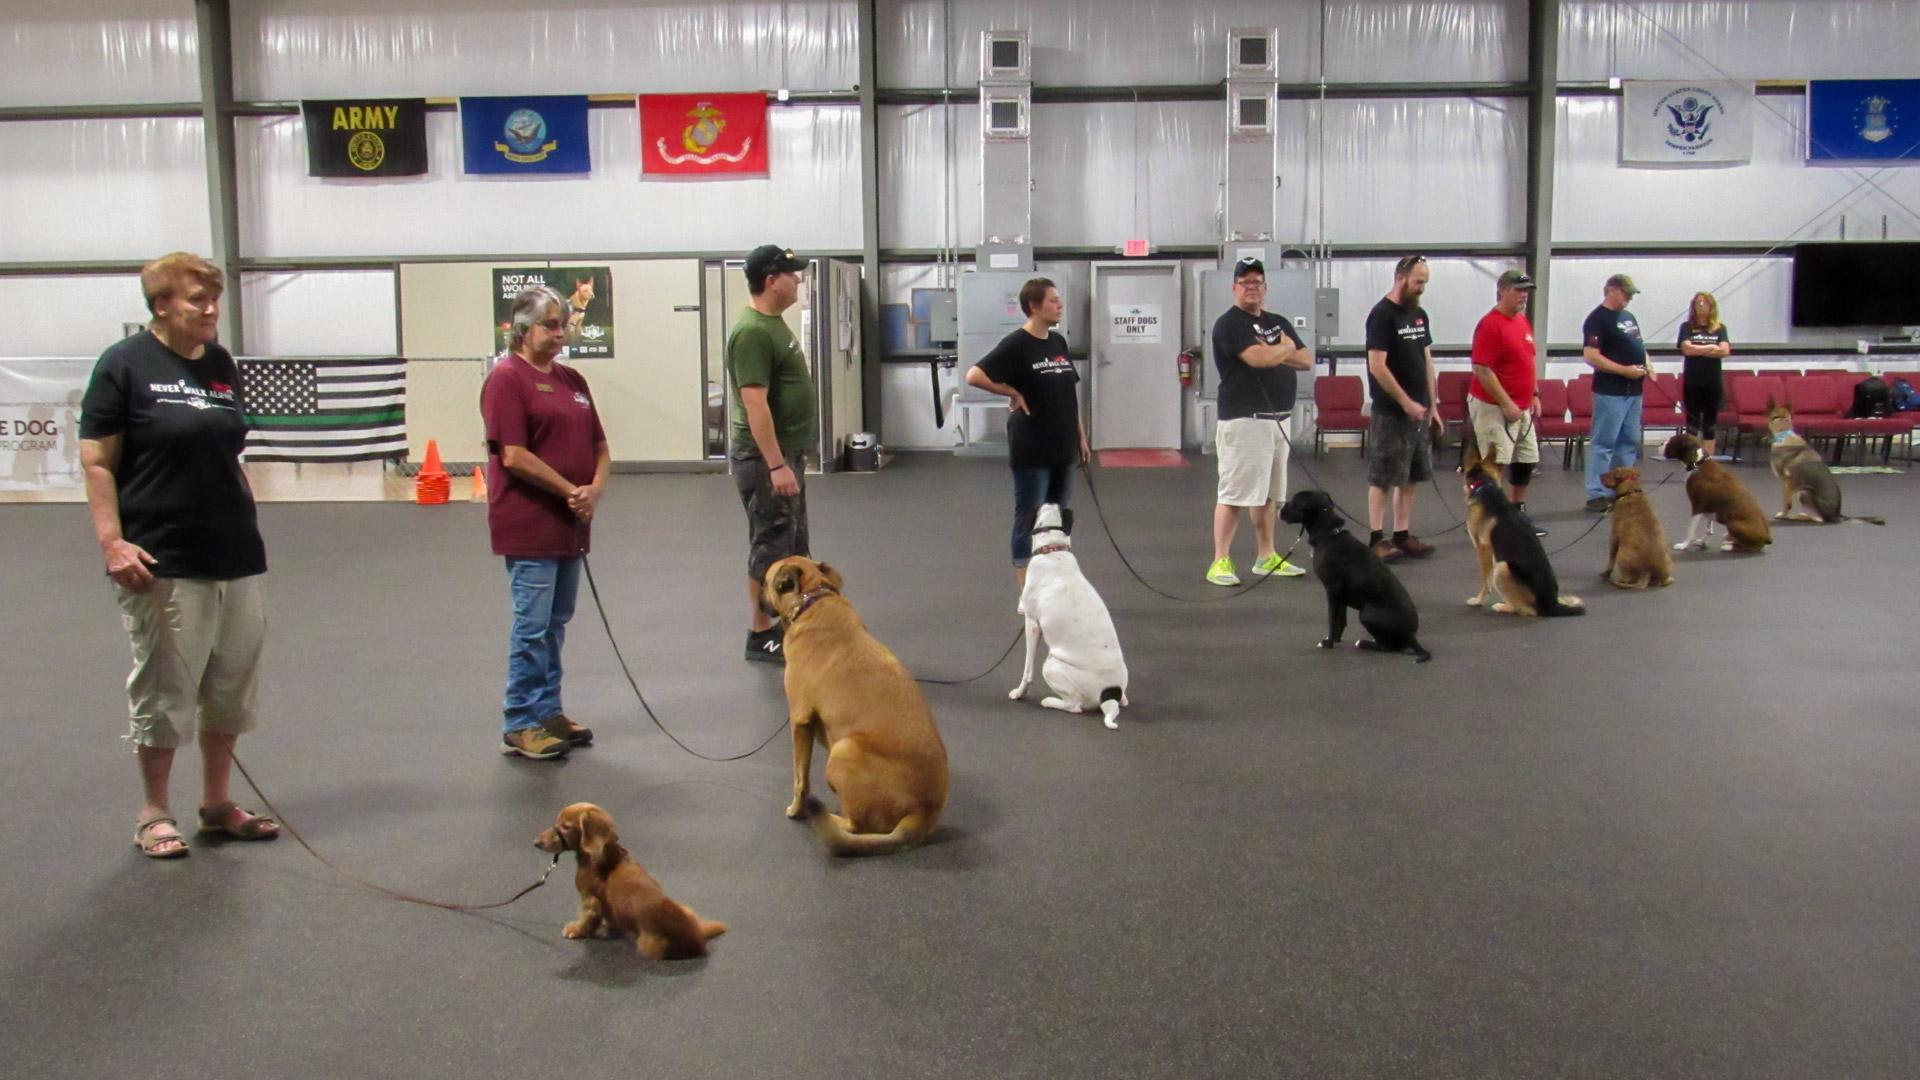 Service Dog Training Program for Veterans - K9 Partners for